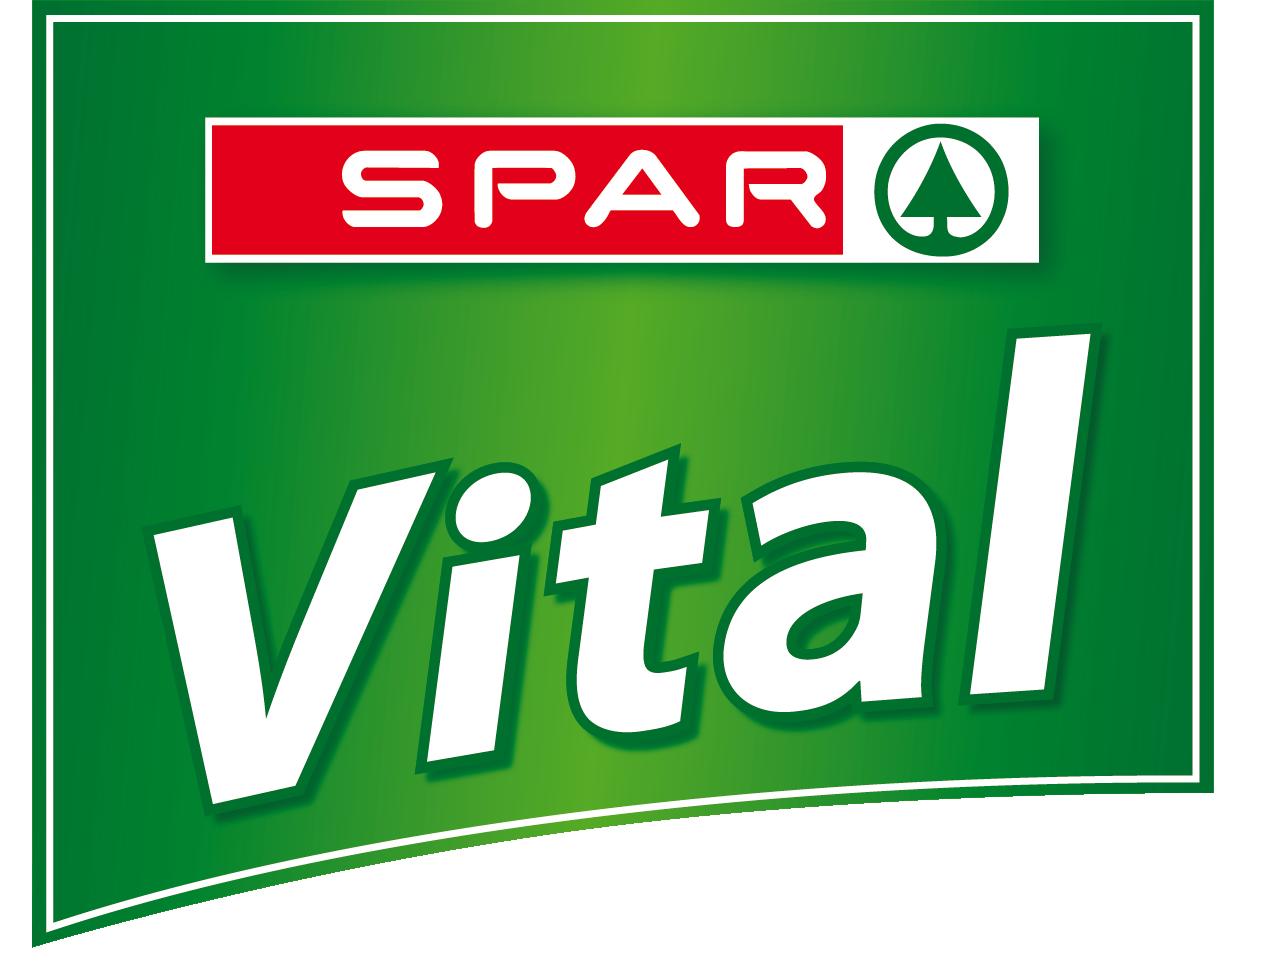 SPAR Vital